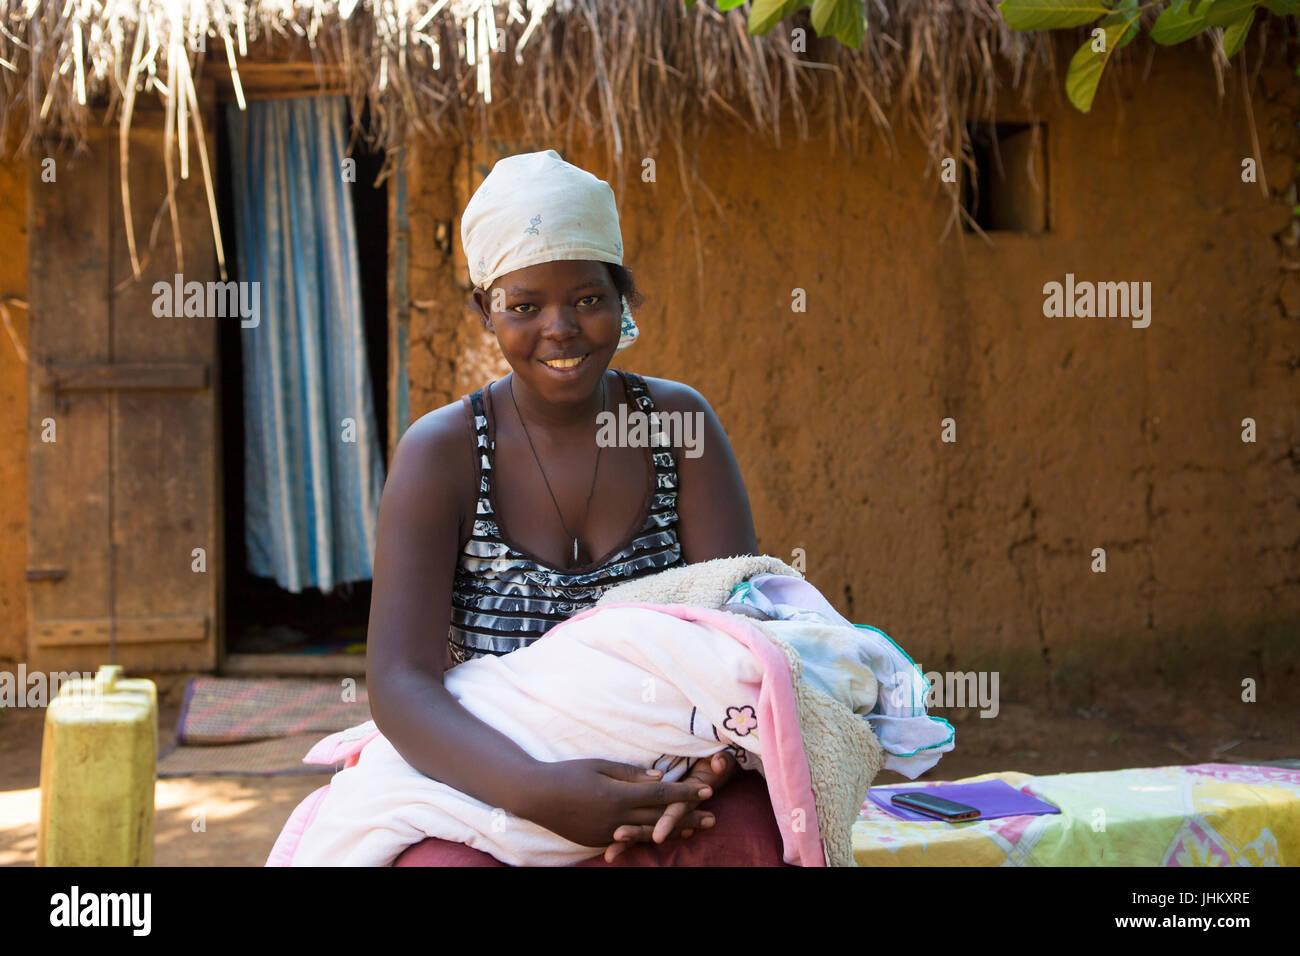 Una madre con su bebé recién nacido fuera de su choza de barro tradicional casa en Bukeeri, Uganda. Imagen De Stock